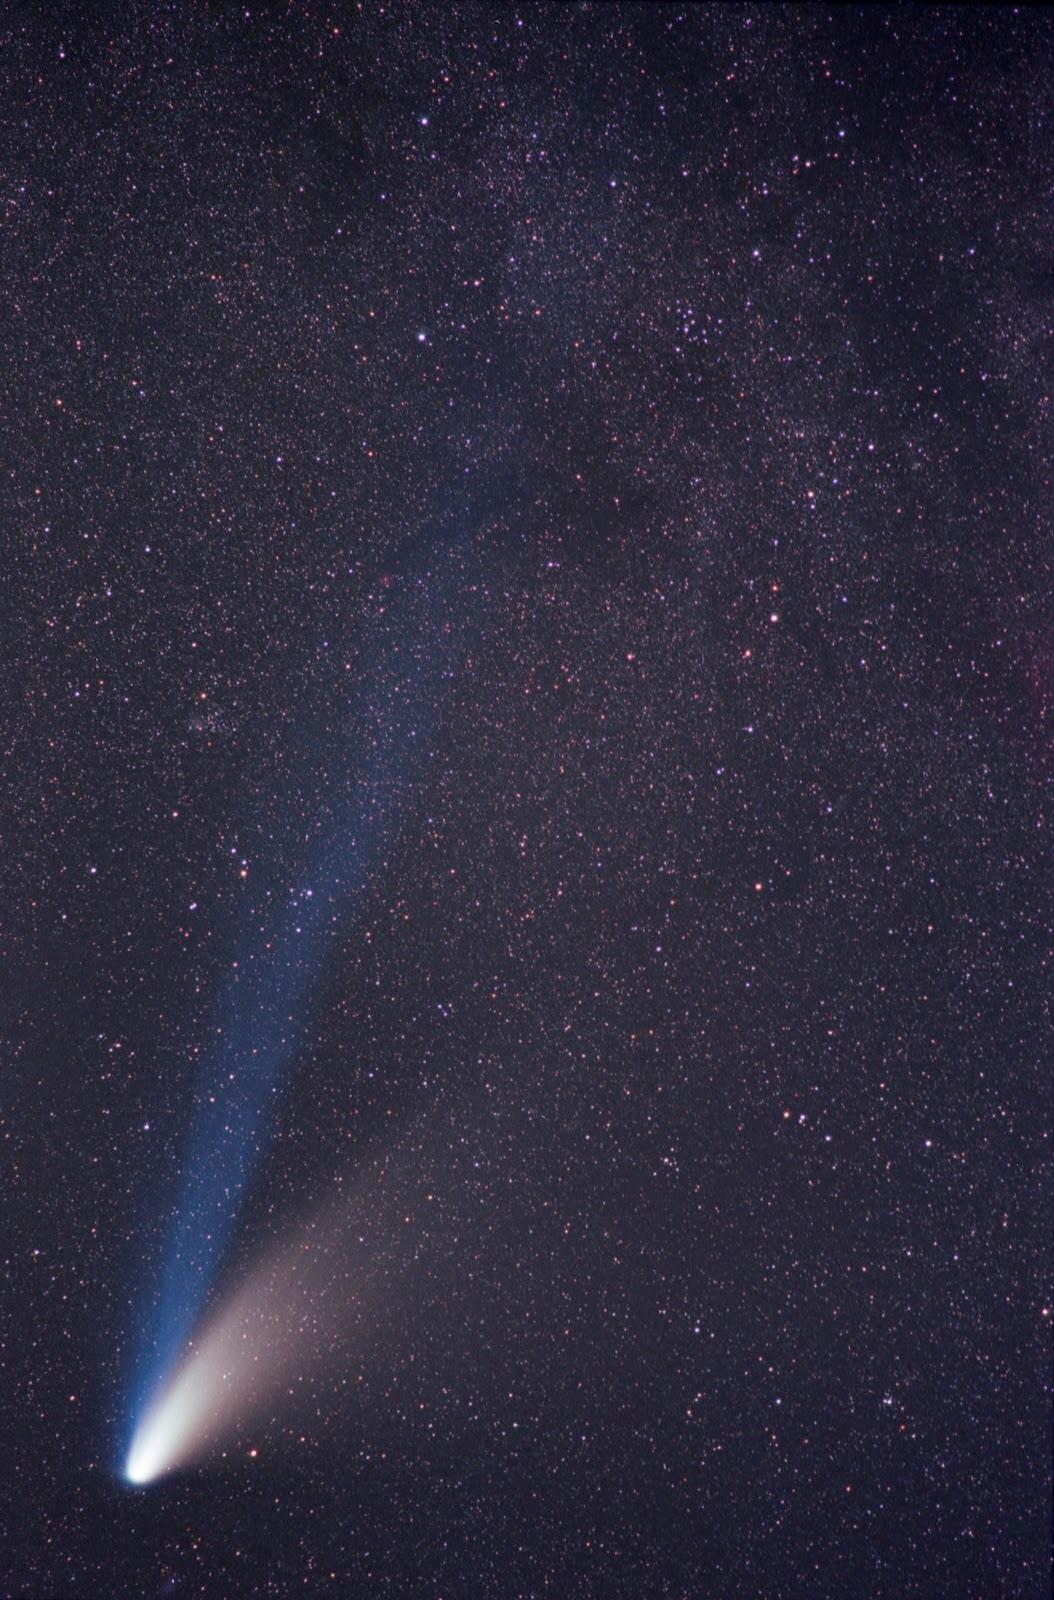 彗星是哇訊號的來源嗎?海爾波普彗星。攝影:李昫岱